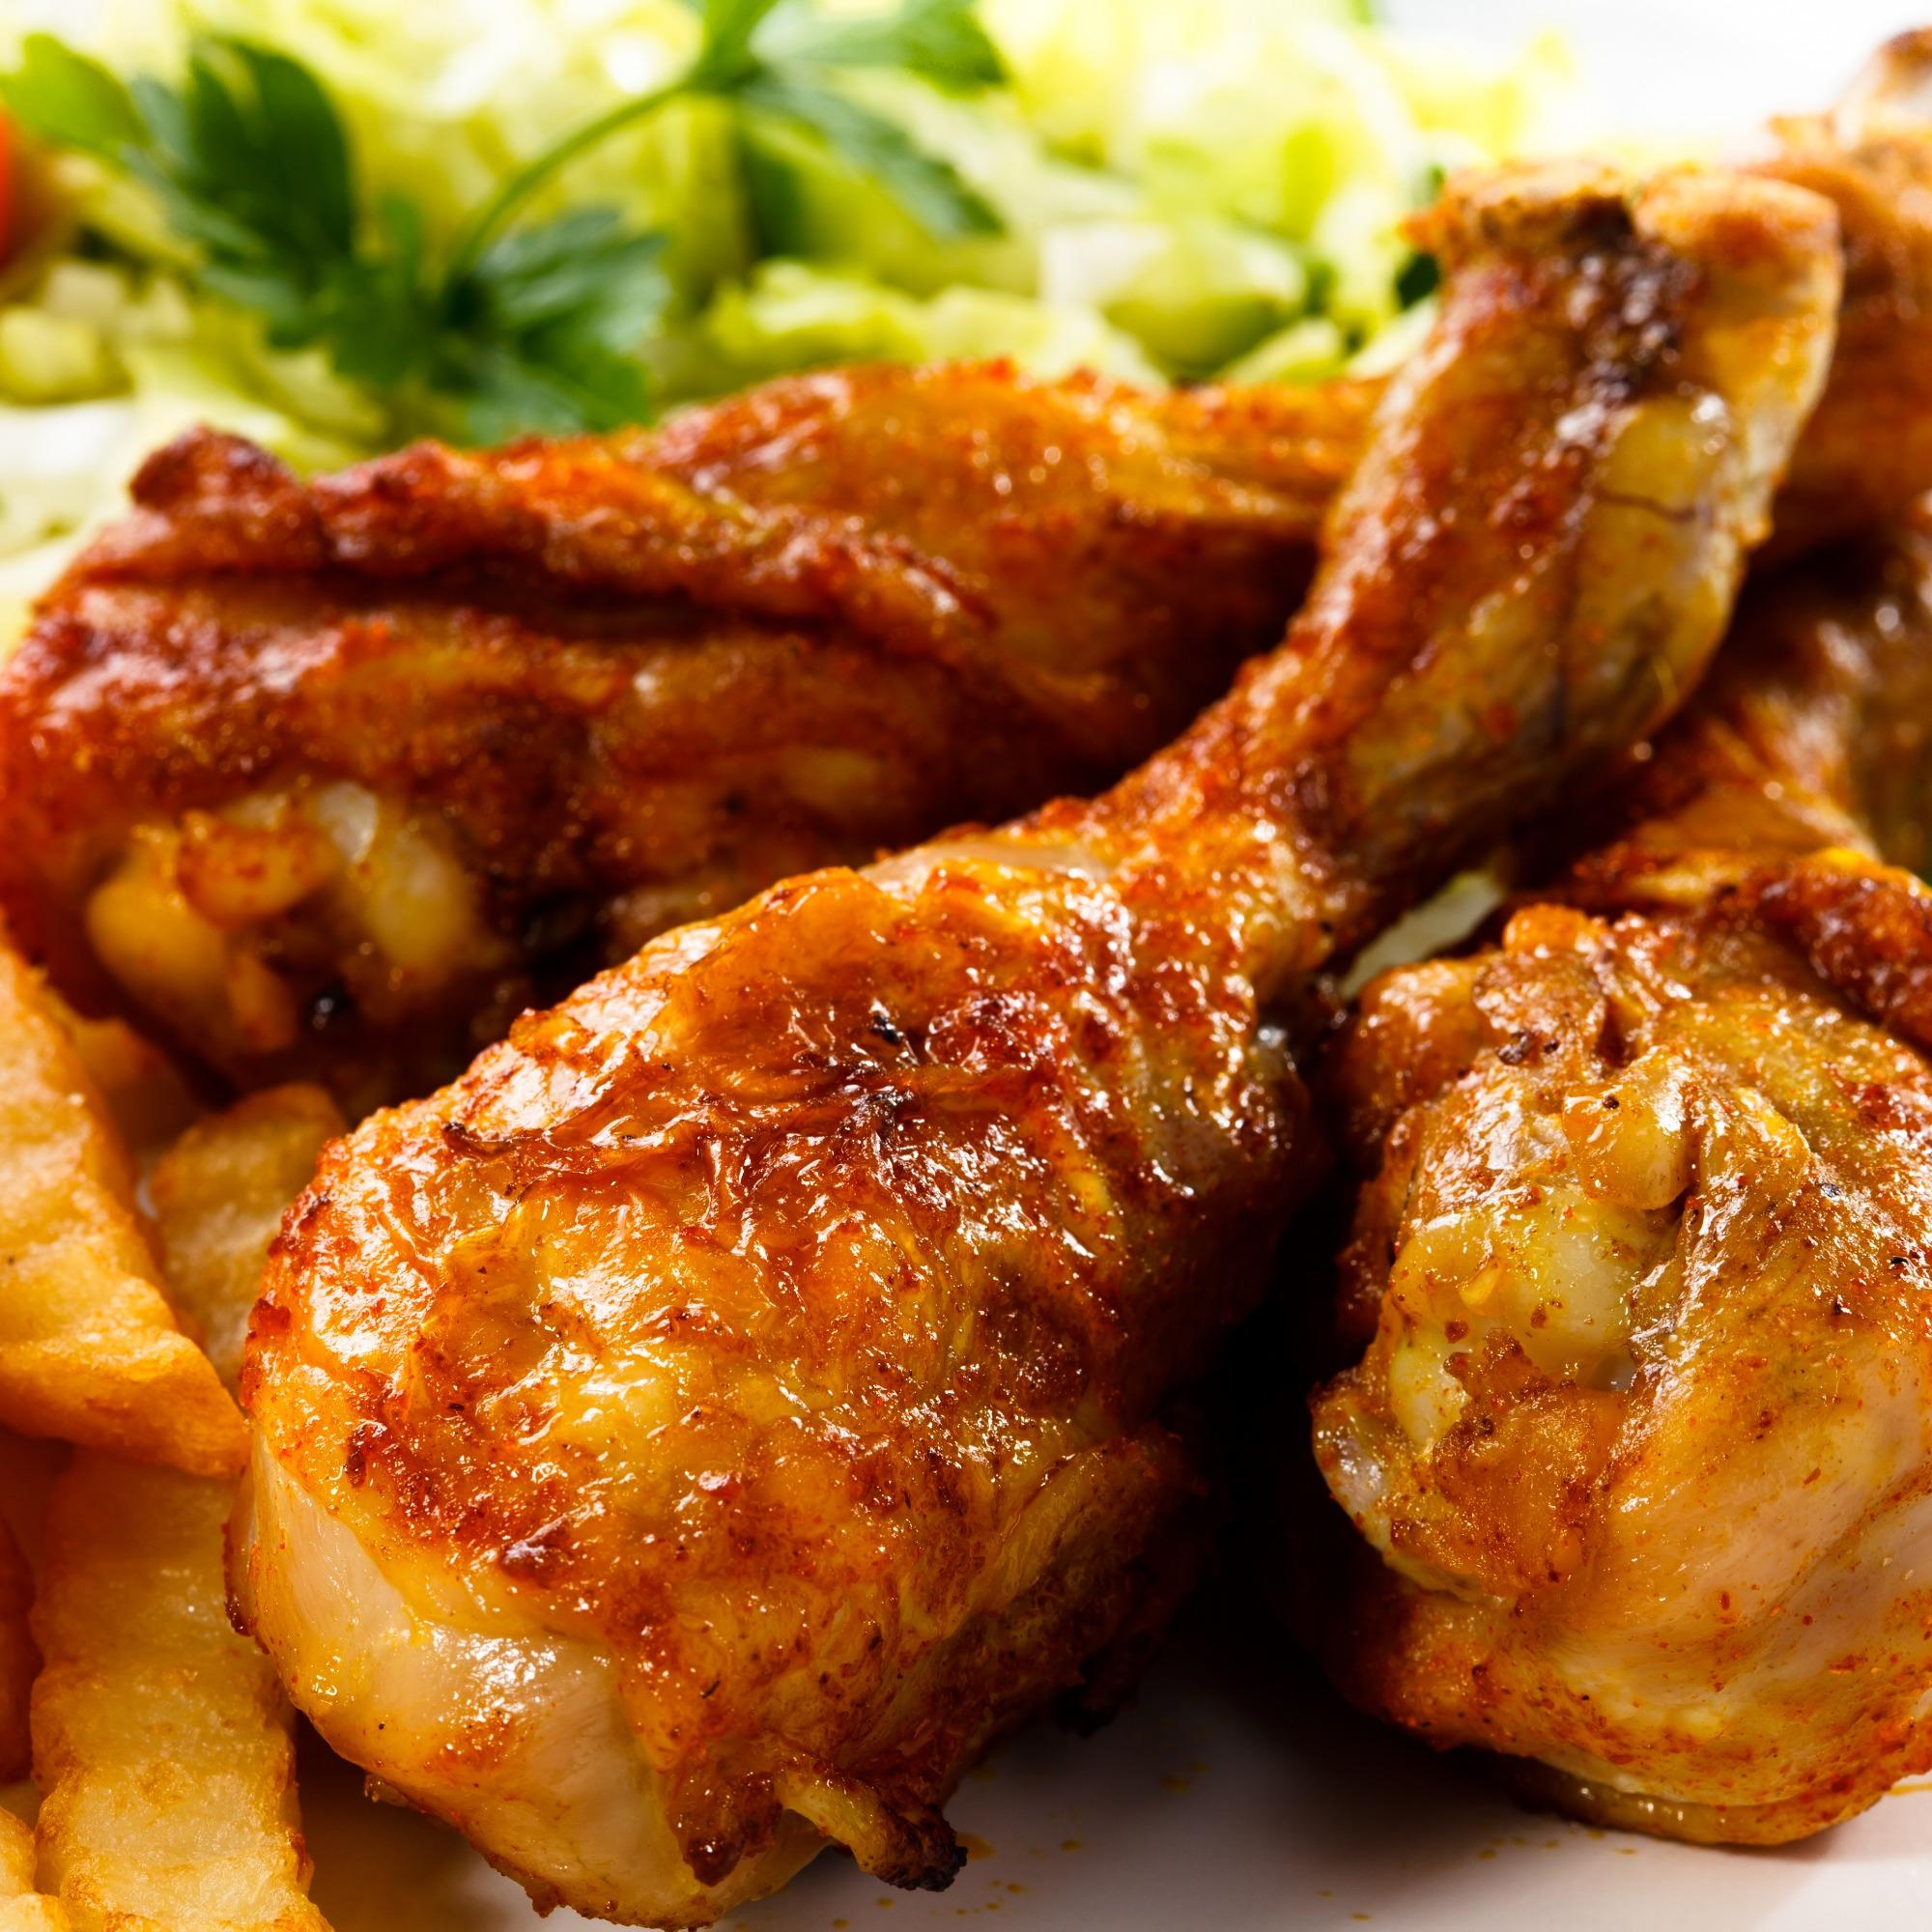 Brasil é o quarto maior mercado consumidor de frango do mundo, aponta USDA